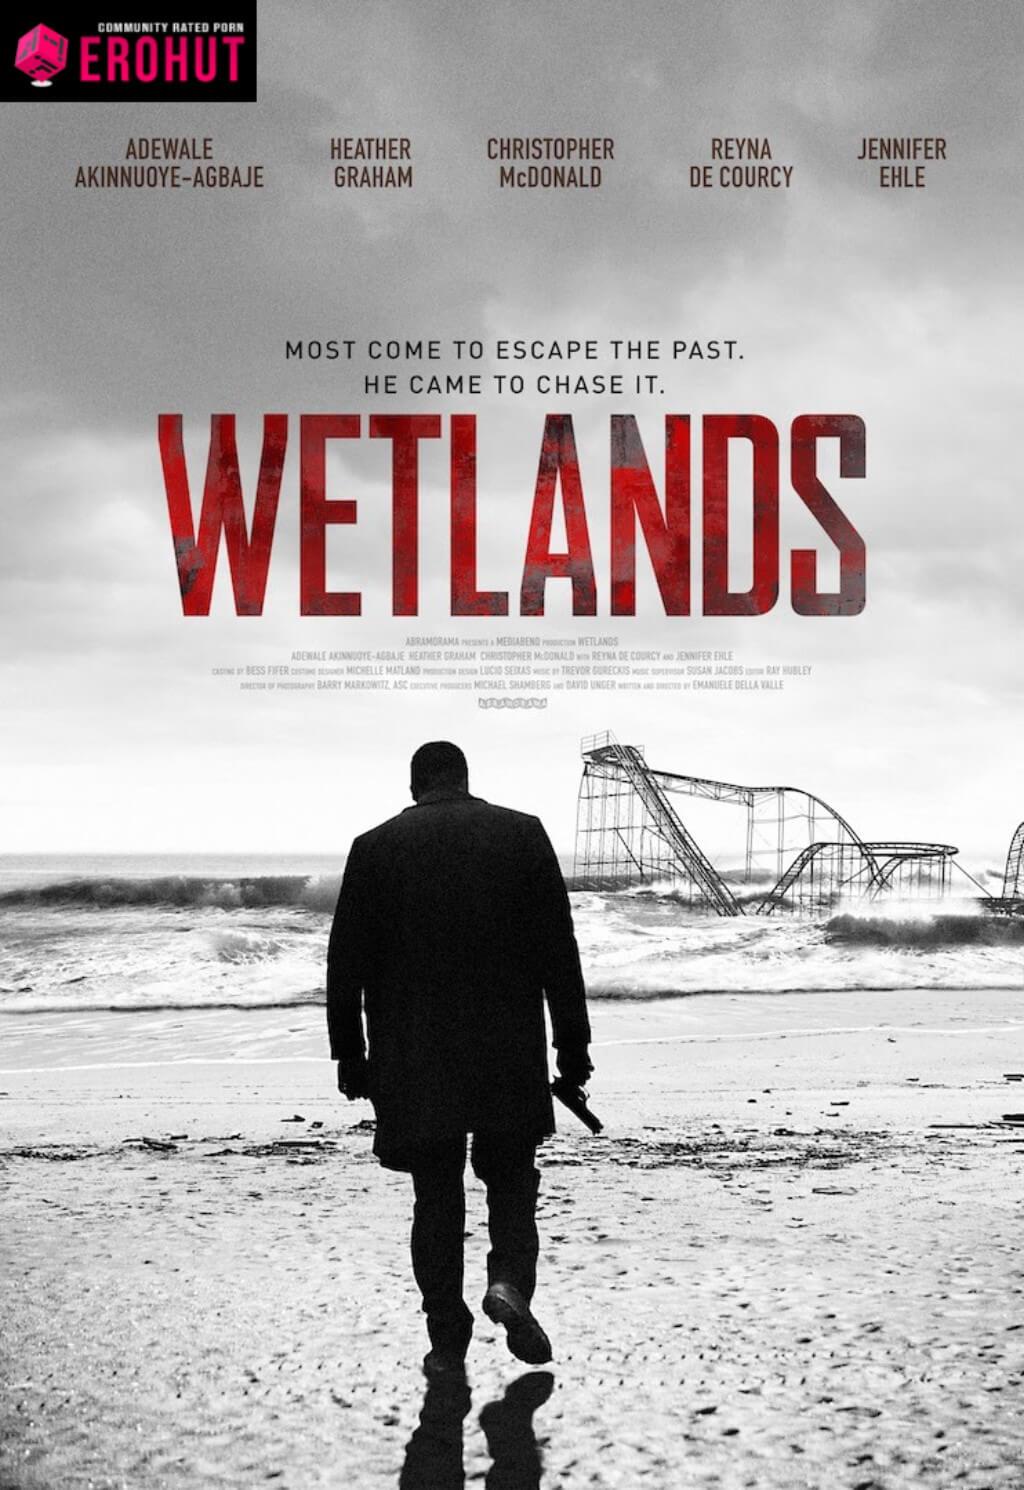 Wetlands (2017) Sex Scene